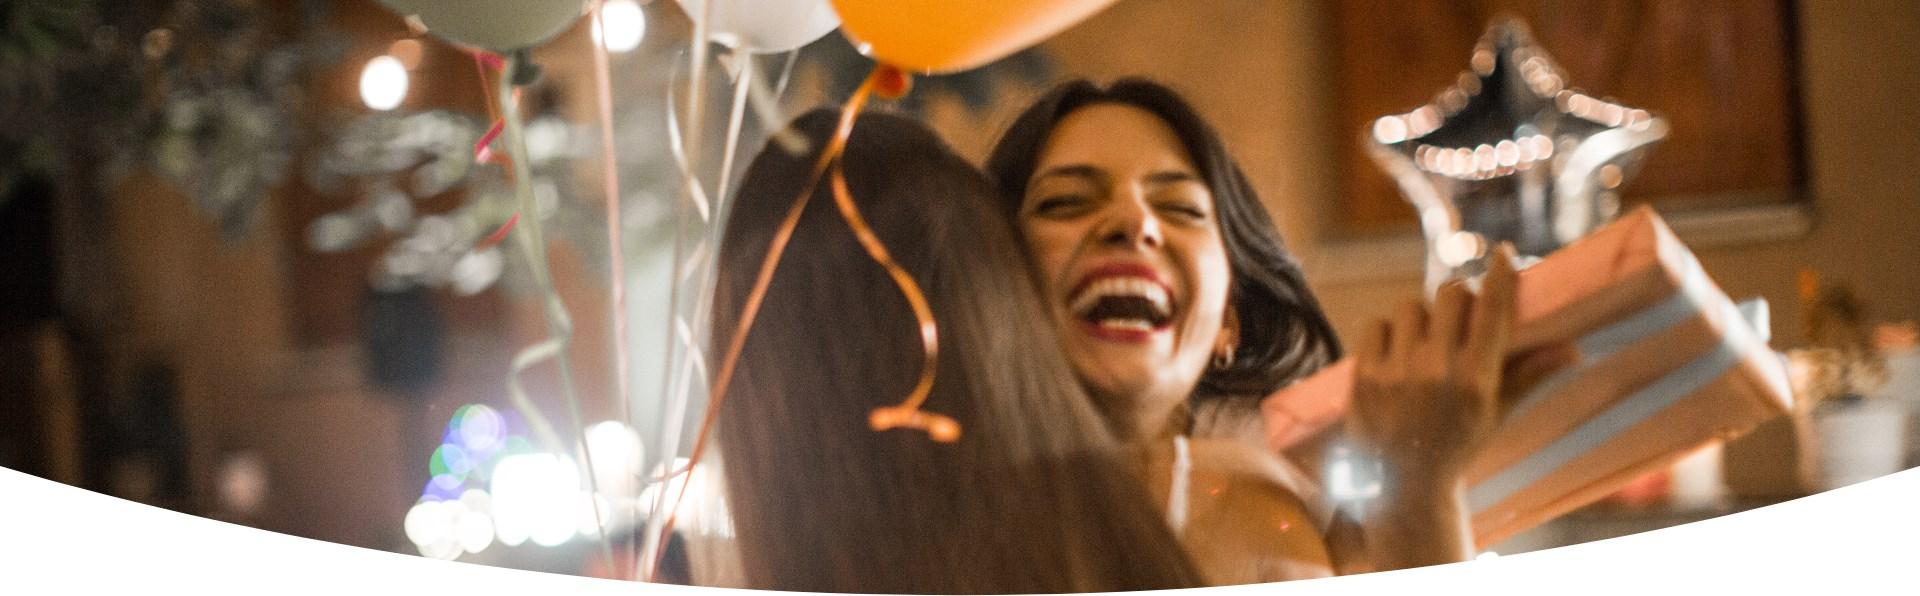 Due donne si abbracciano. Una delle due donne tiene in mano un regalo ed un palloncino e ride.